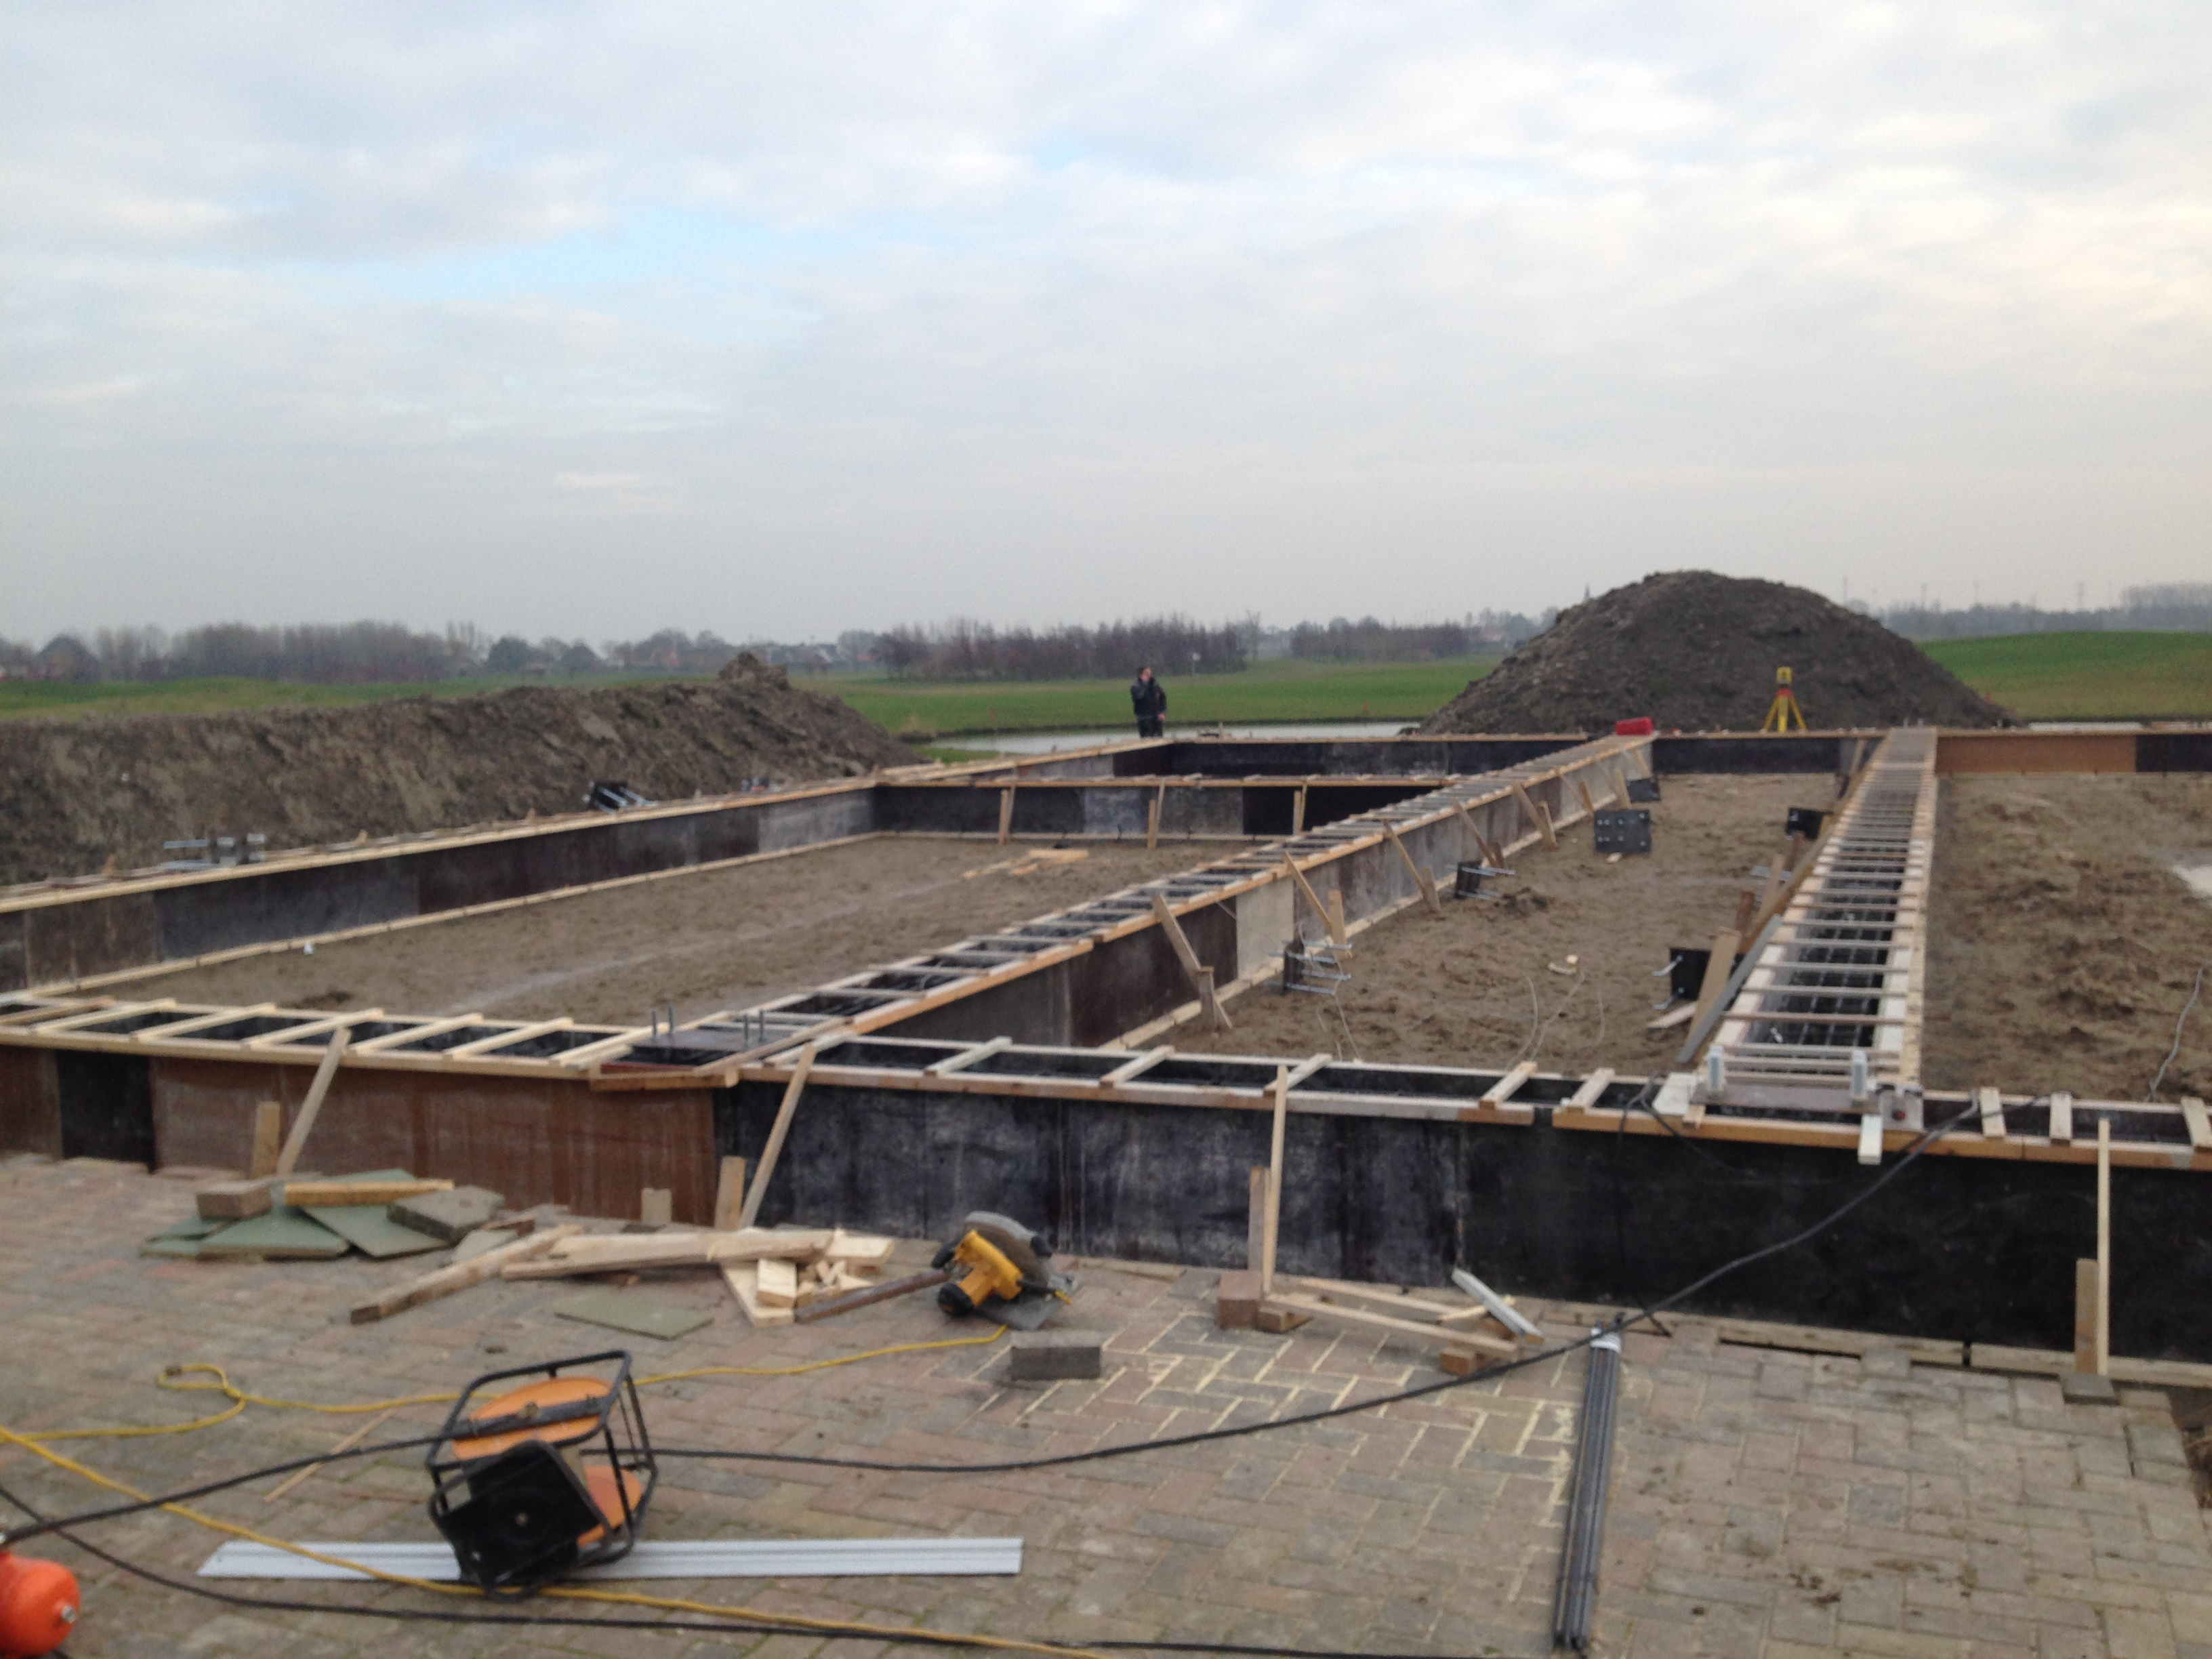 Nieuwbouw clubhuis Golfbaan Spierdijk | BPMB Golfbaan Spierdijk